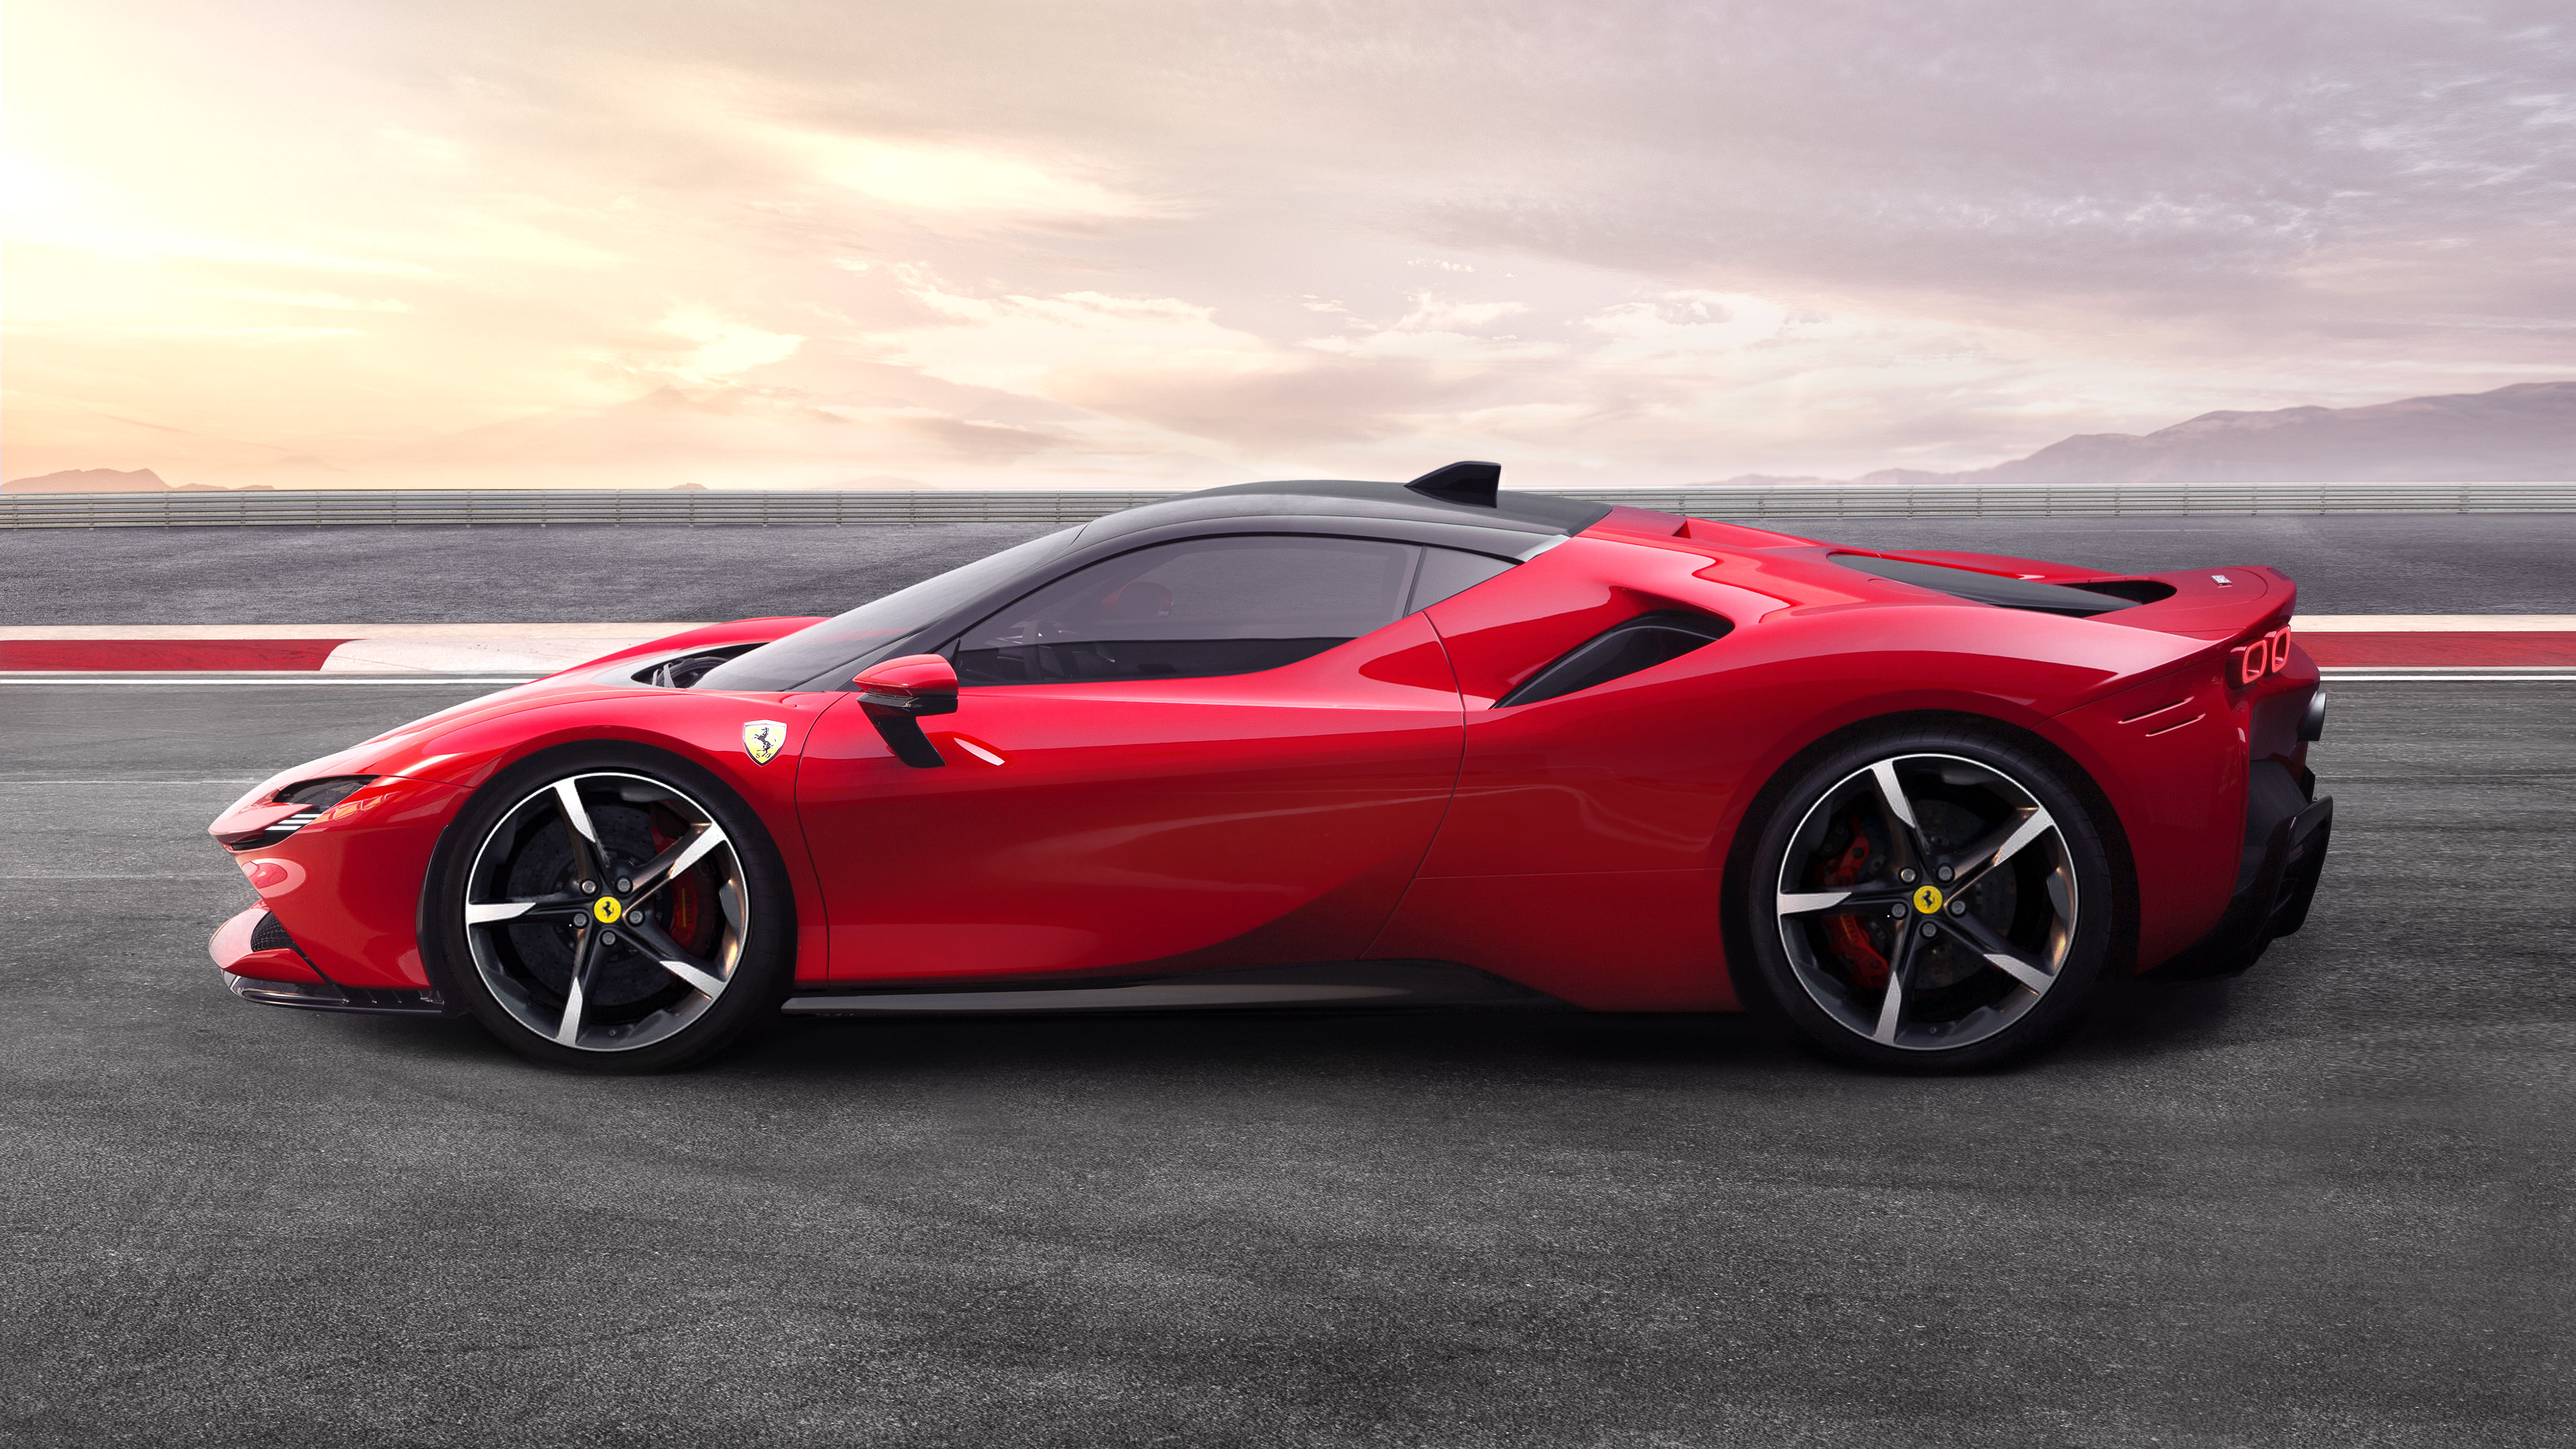 Ferrari Sf90 Stradale 2019 4k Wallpaper Hd Car Wallpapers Id 12706